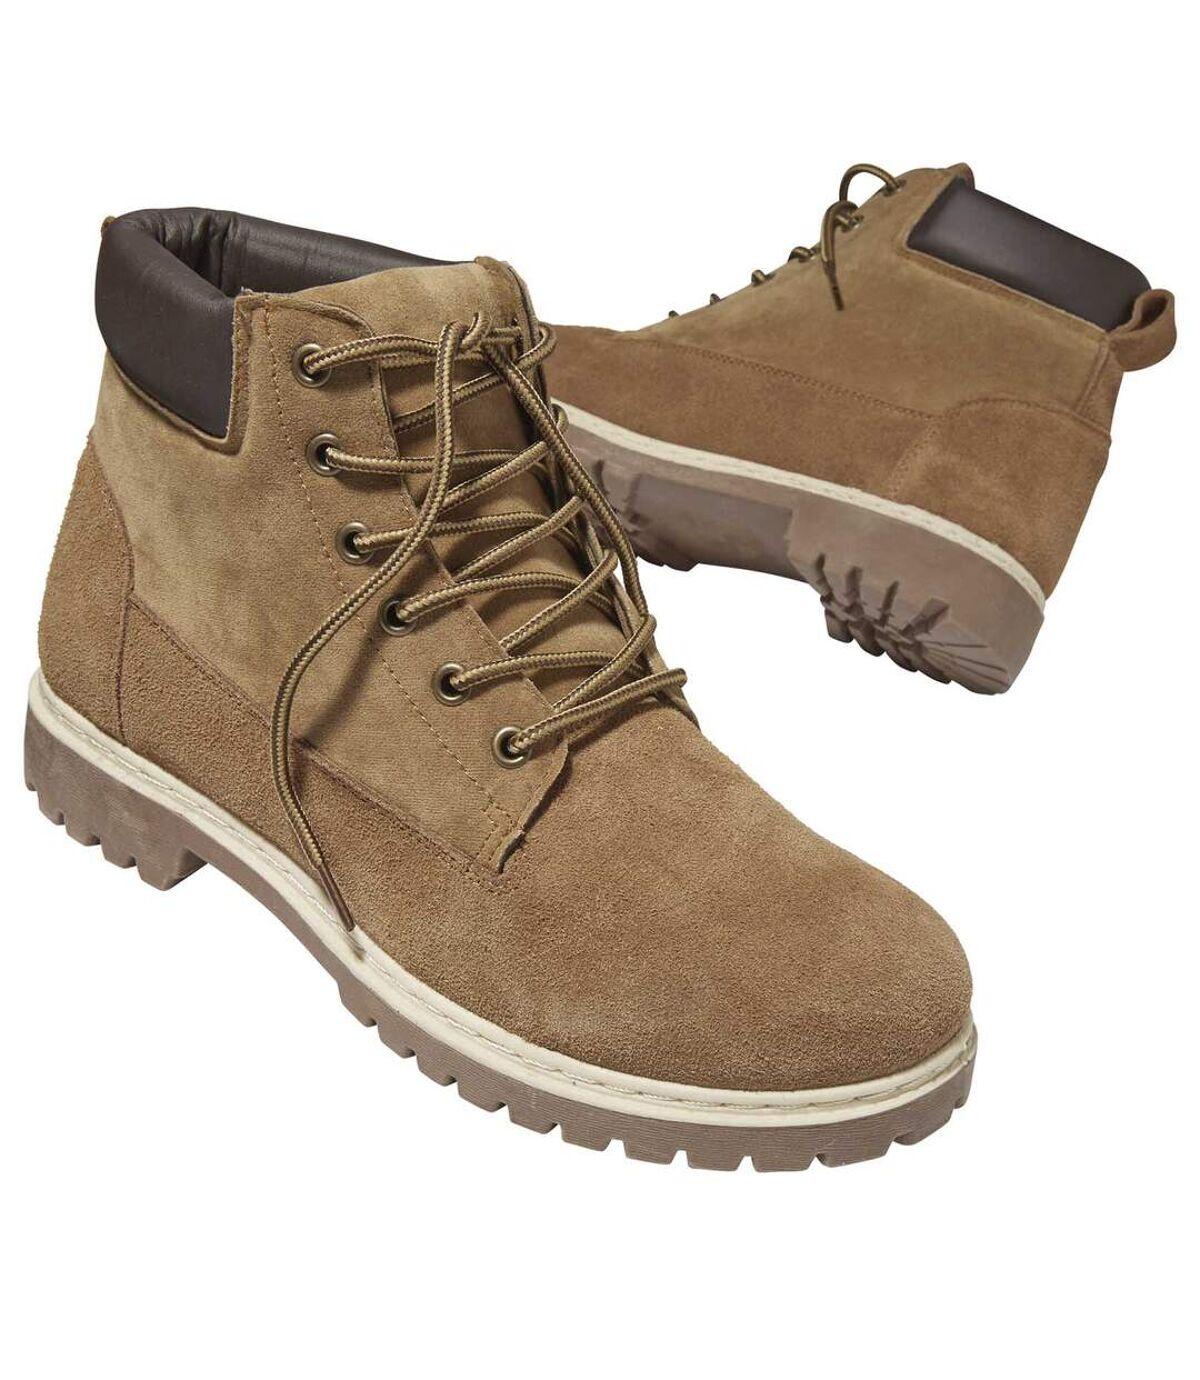 Men's Brown Outdoor High-Top Shoes Atlas For Men